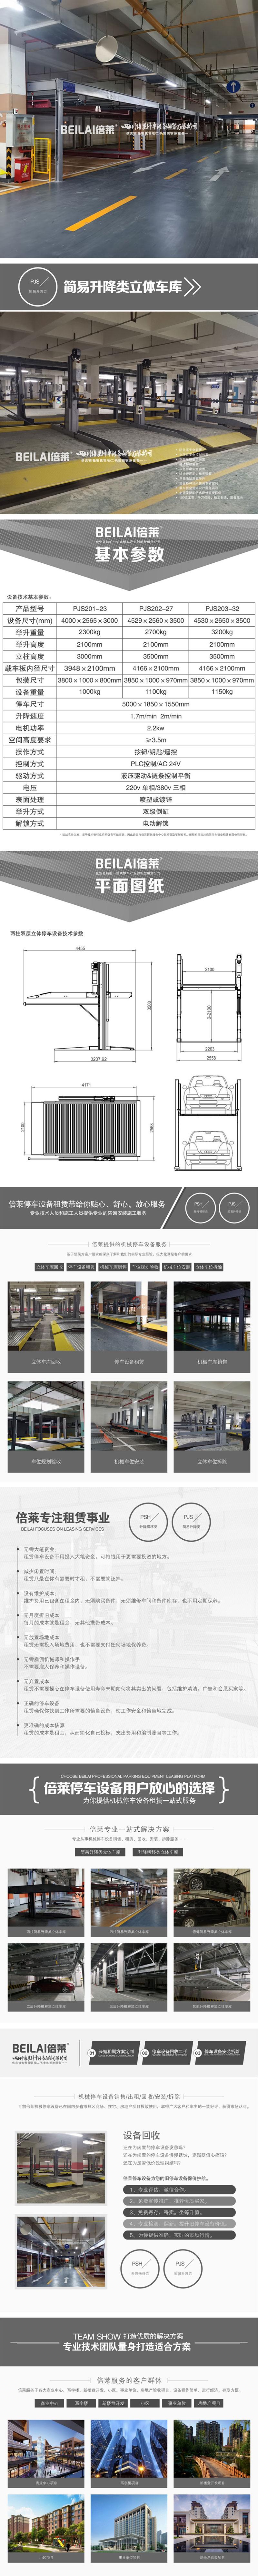 陜西機械式停車設備改造合川車庫倍萊立體停車庫